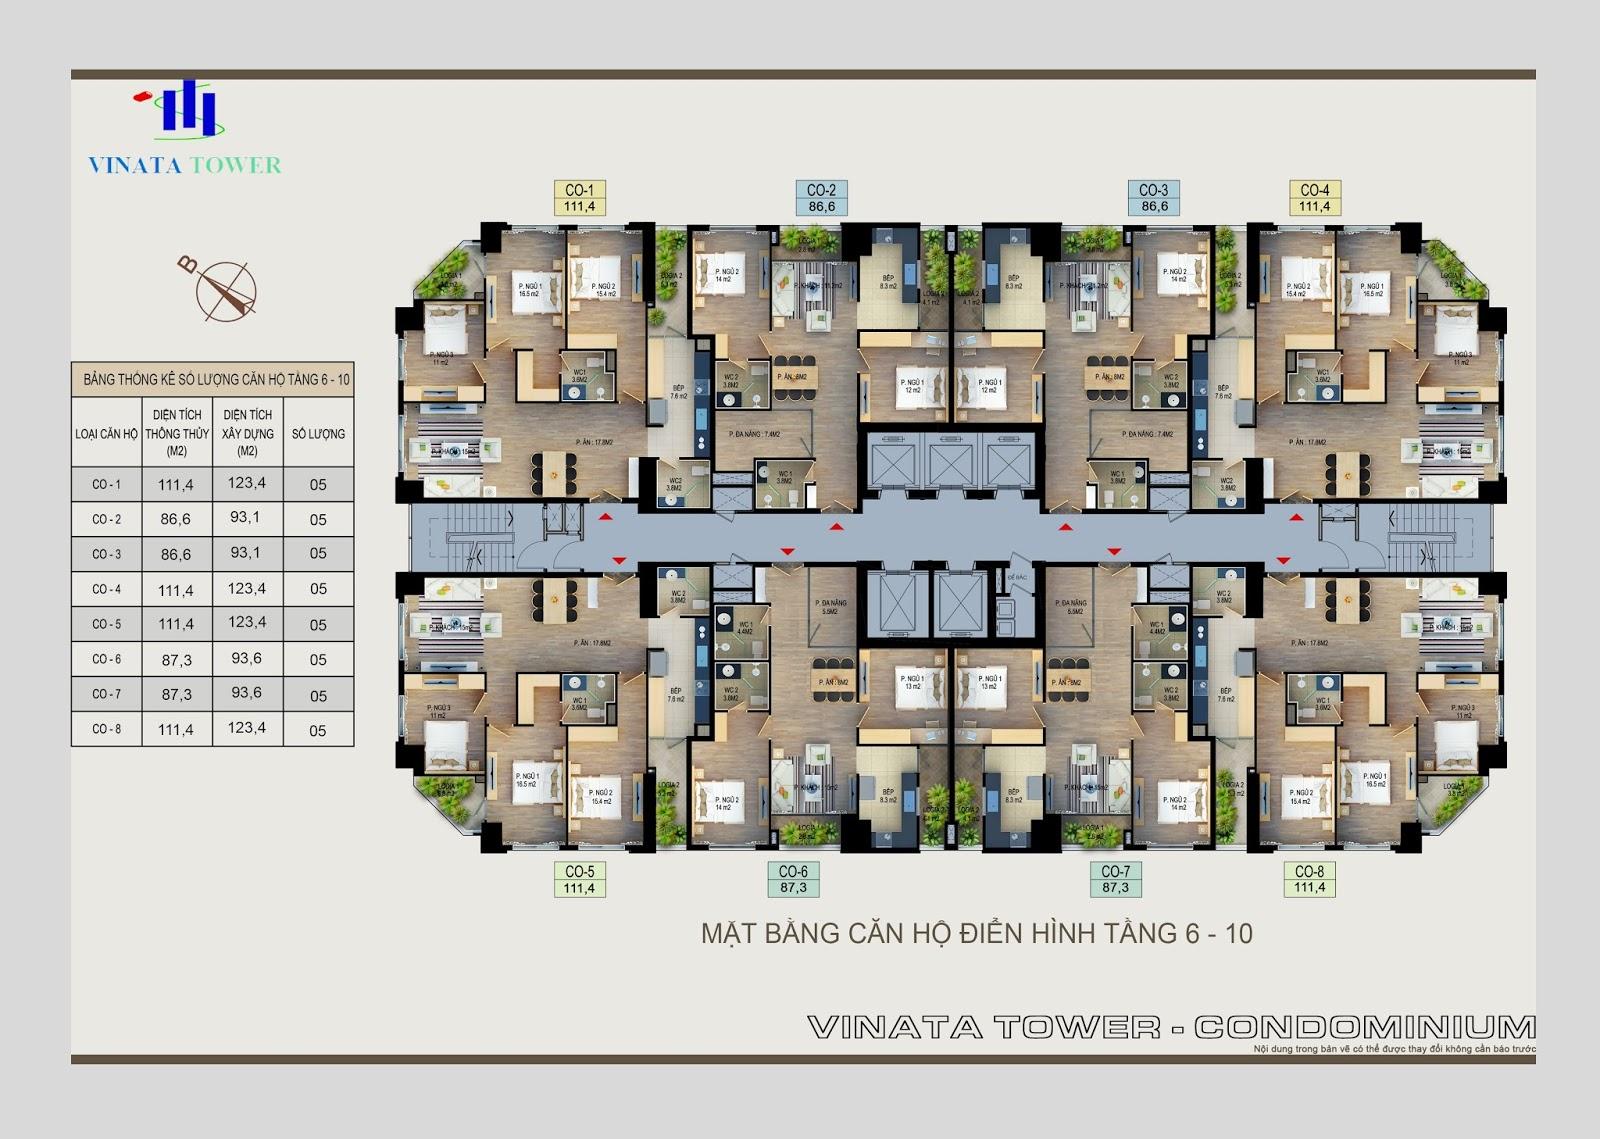 Mặt bằng điển hình tầng Vinata Tower